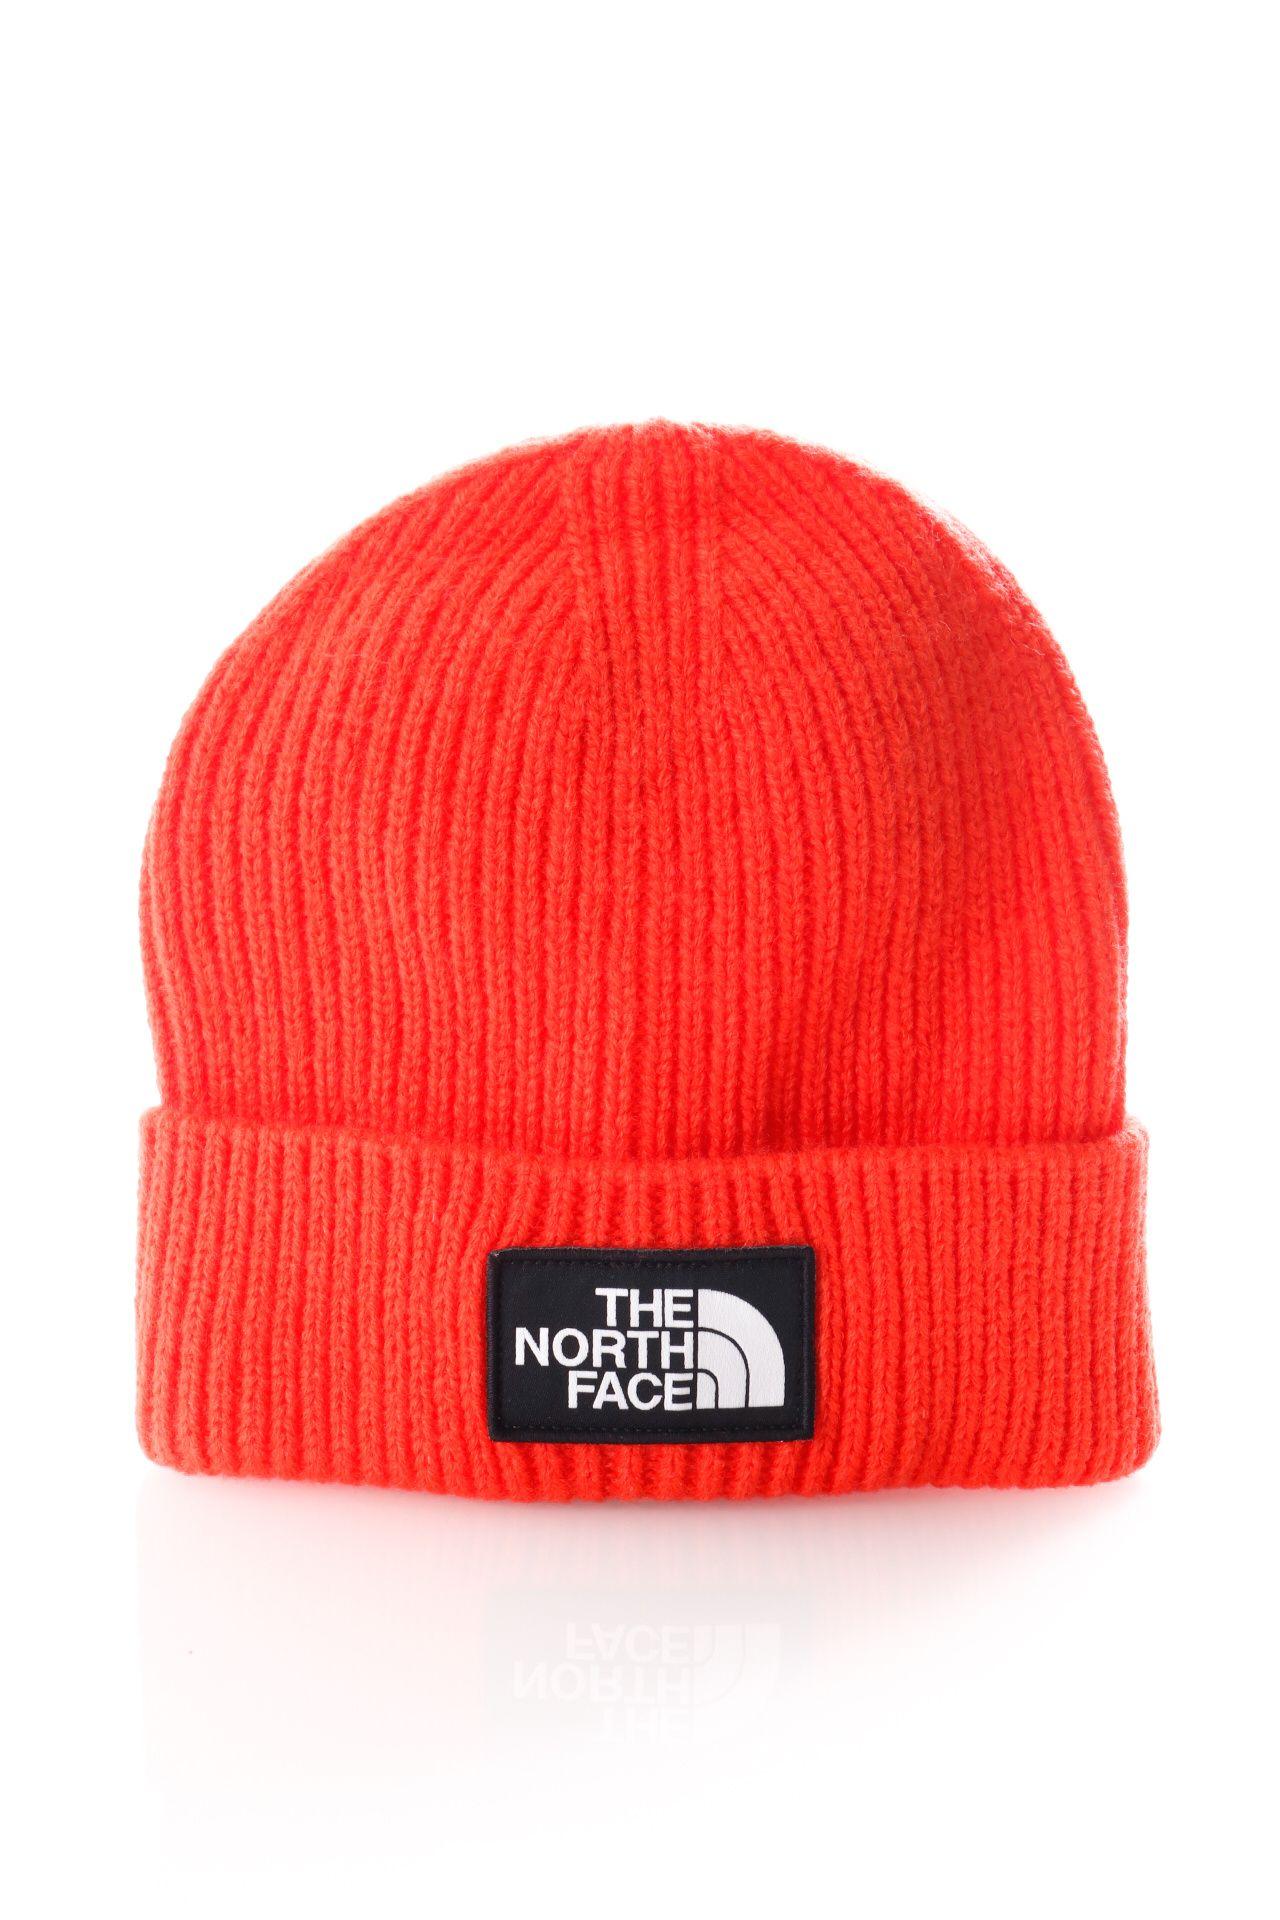 Afbeelding van The North Face Beanie Logo Box Cuffed Beanie Flare NF0A3FJXR151